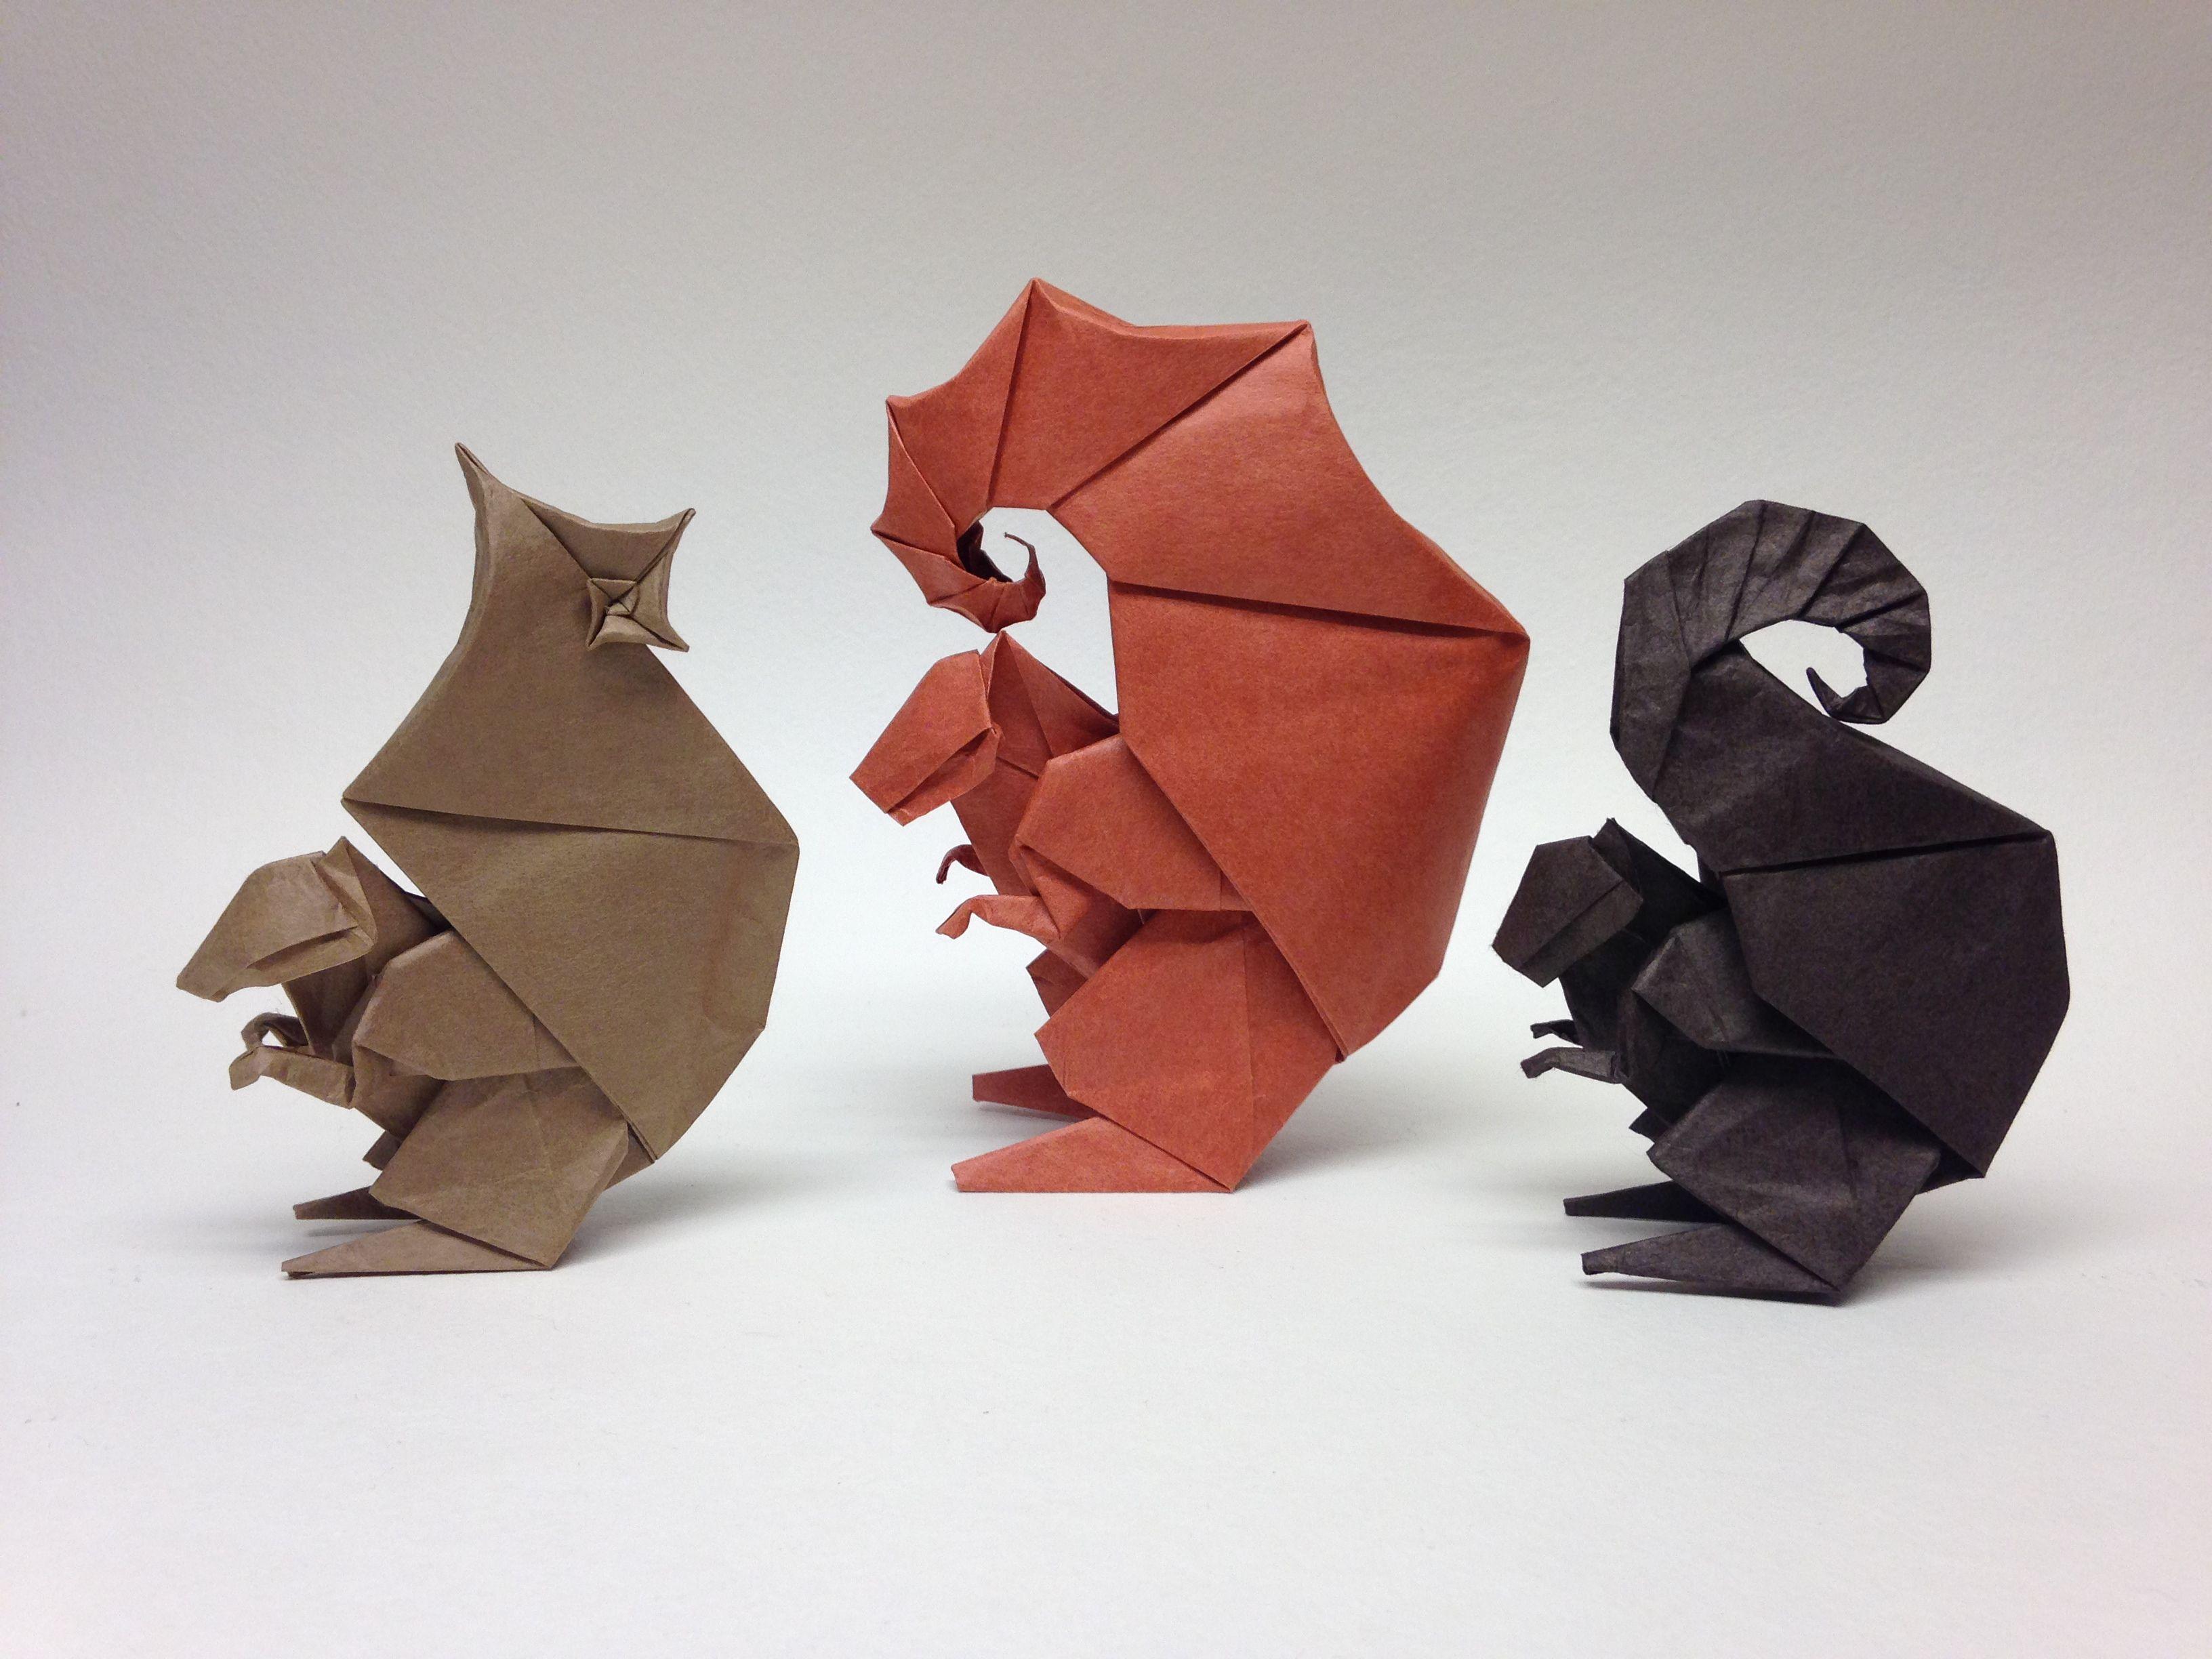 Squirrels Jpg 3264 2448 Origami Hedgehog Origami Paper Butterflies